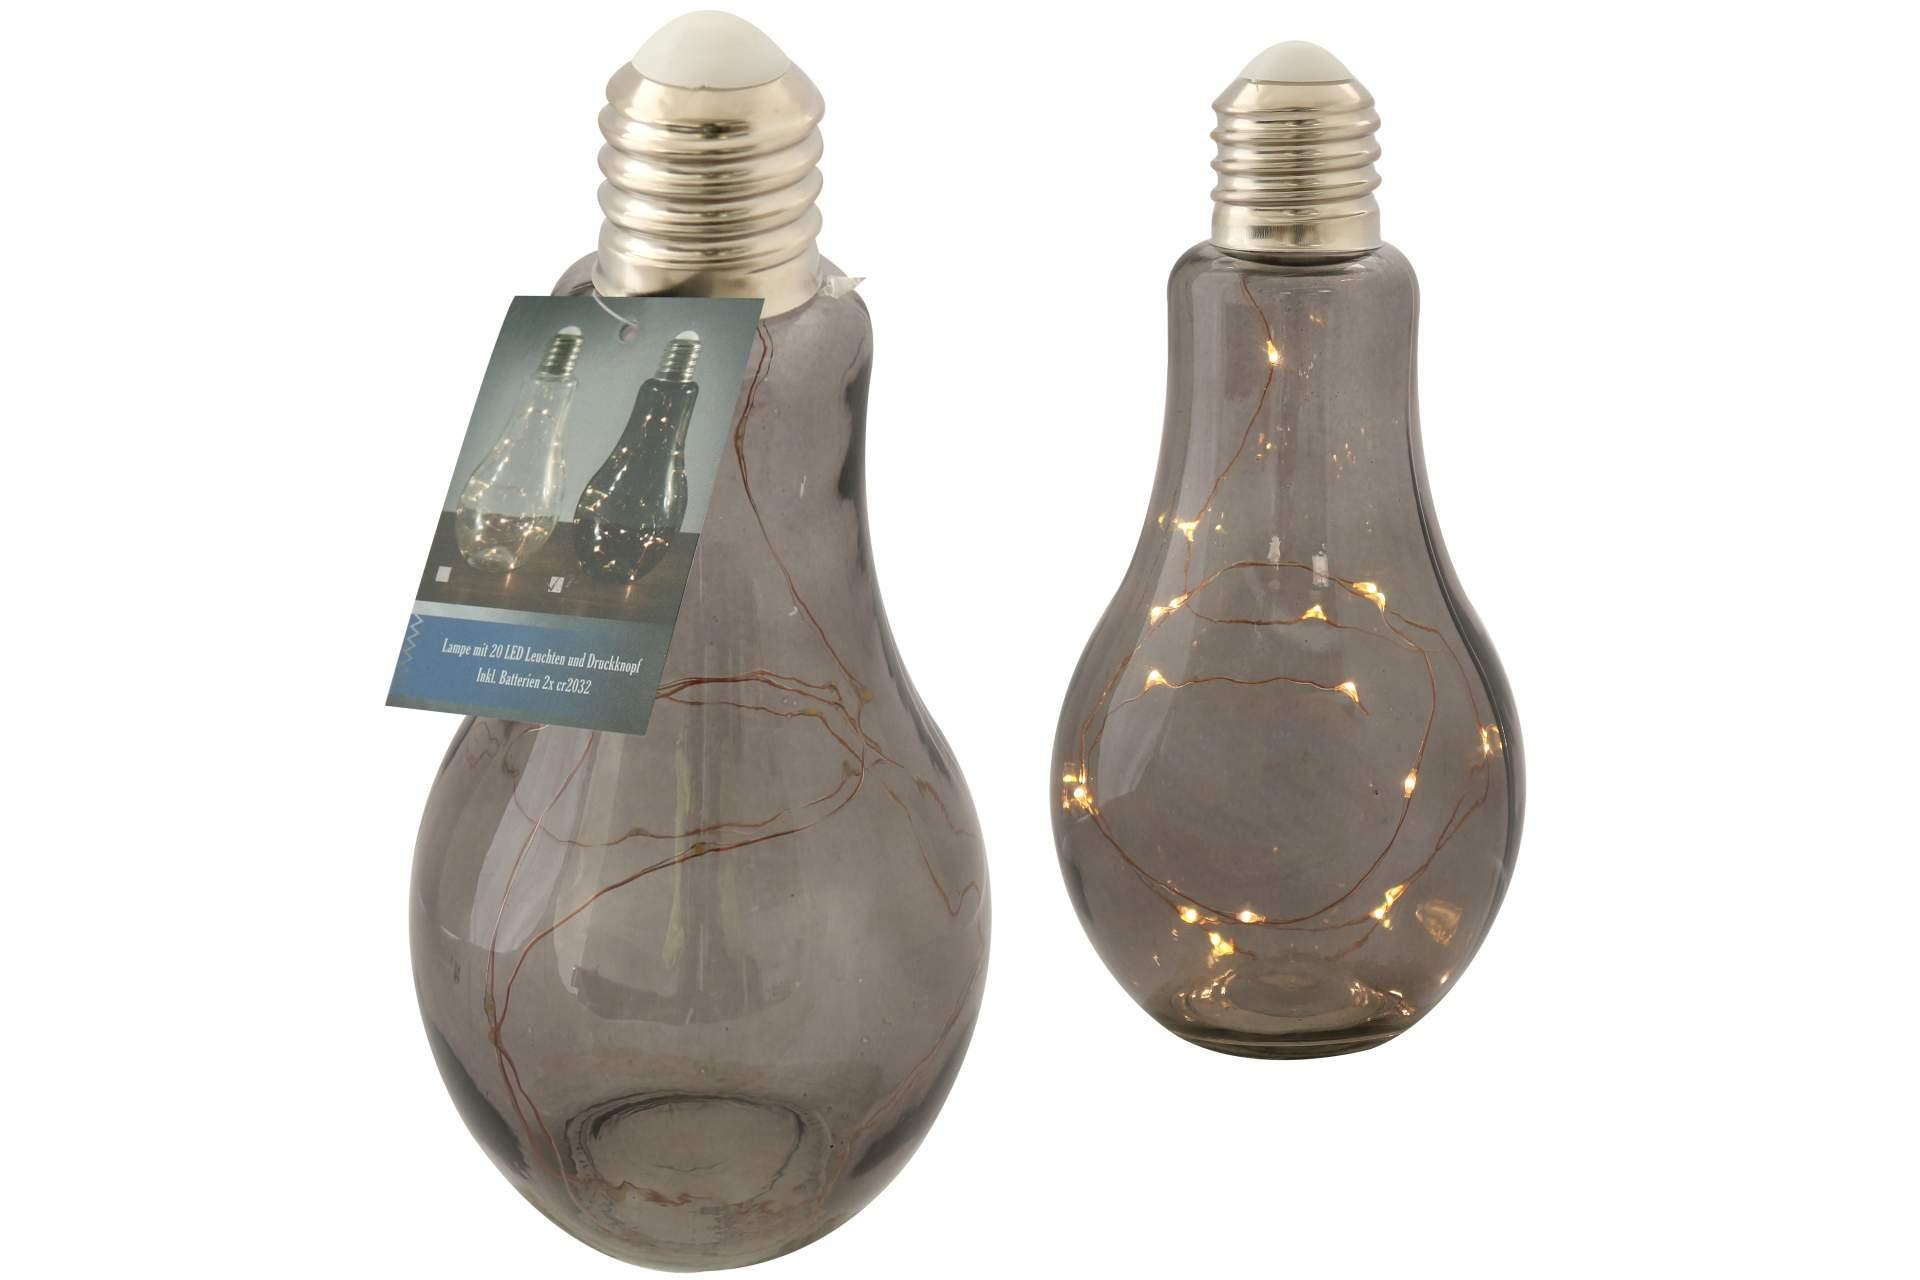 glas deko leuchte gl hbirne 22 cm 20 led dunkel dekoleuchte stimmungs lampe neu eur 11 89. Black Bedroom Furniture Sets. Home Design Ideas